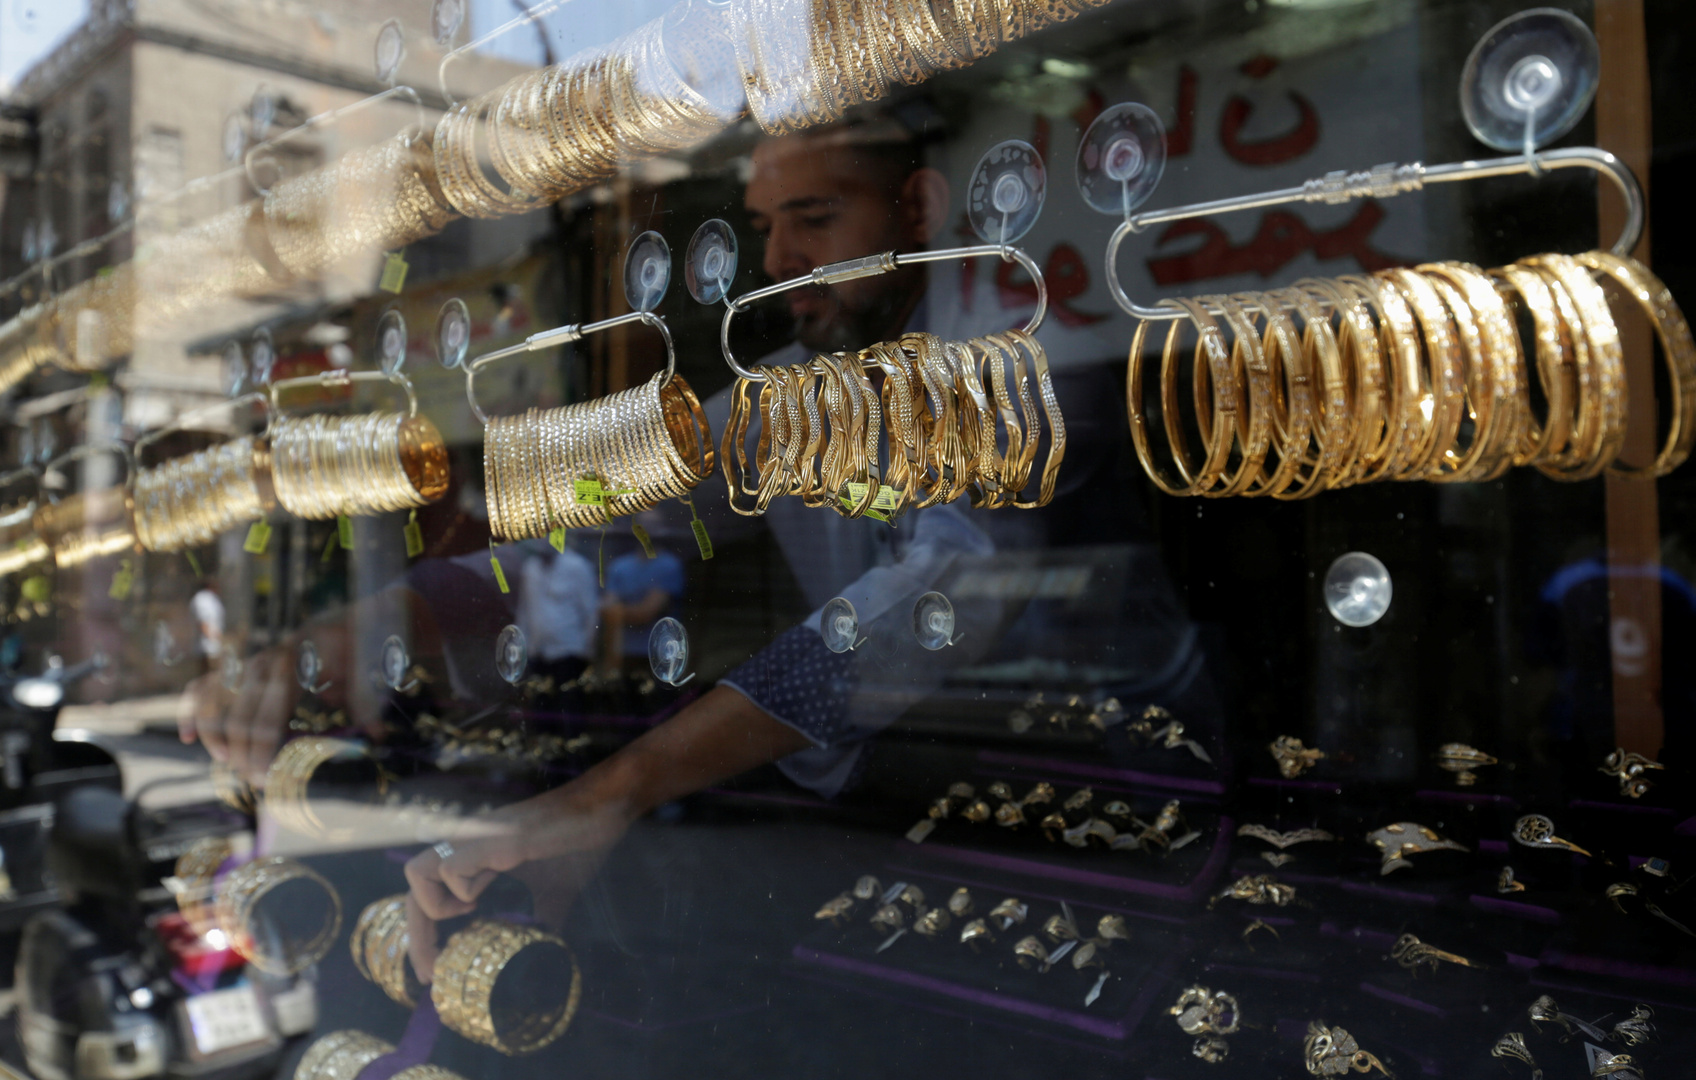 الذهب يتراجع بشكل مفاجئ في مصر خلال دقائق